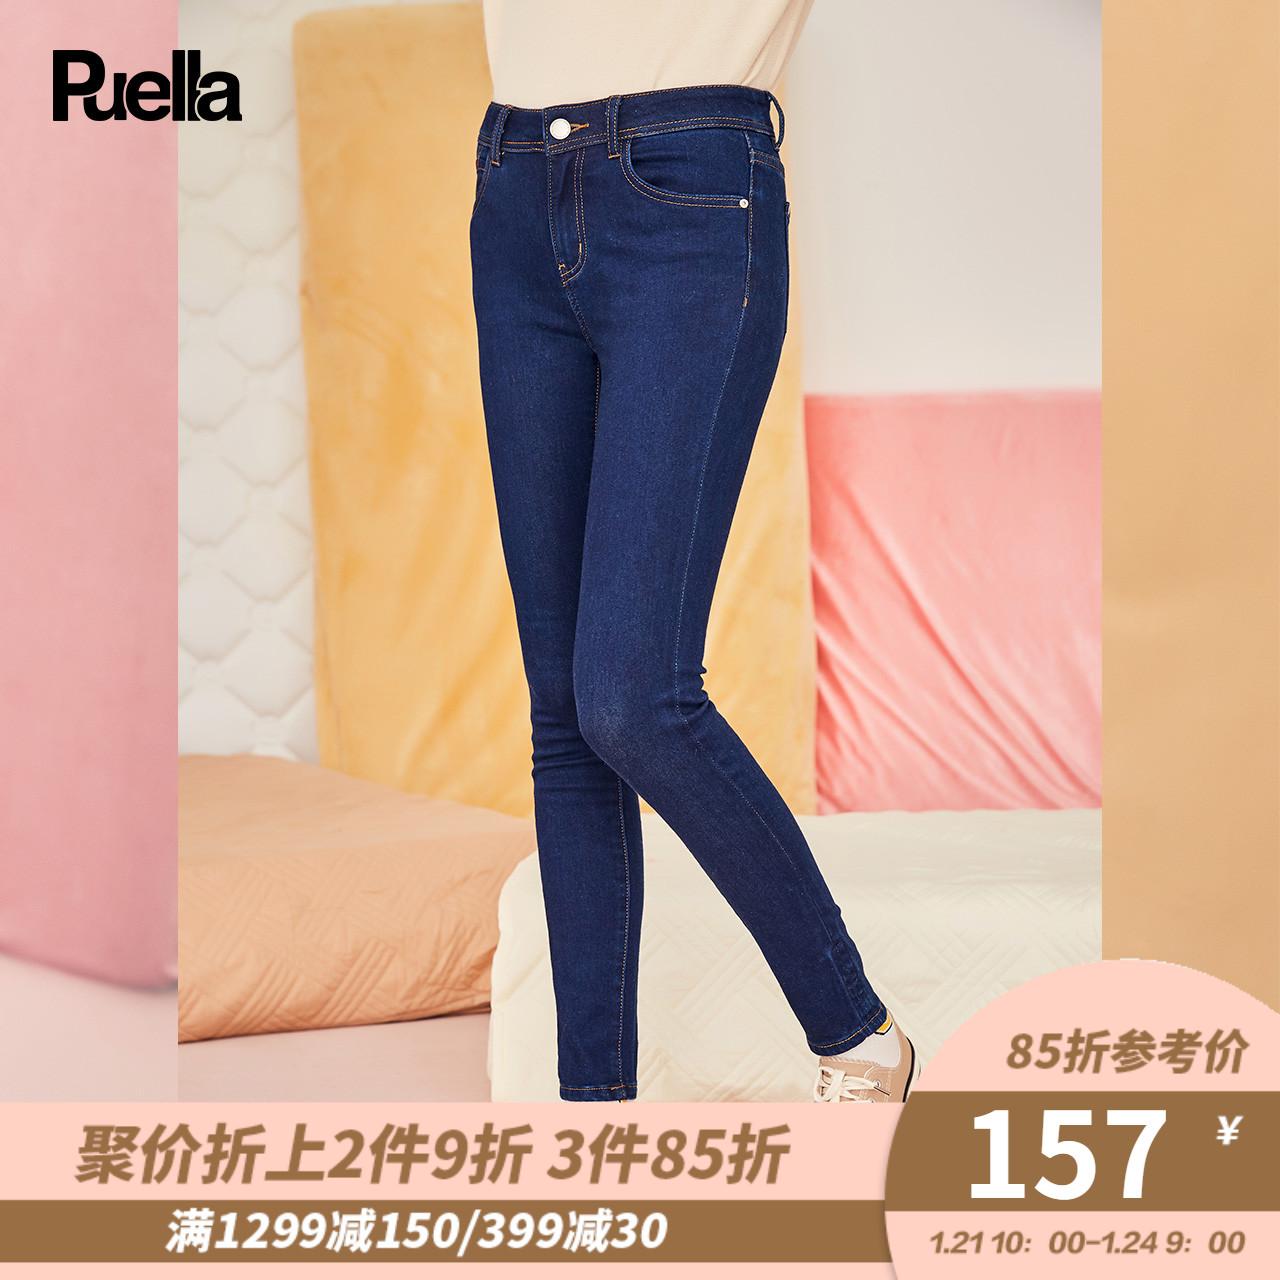 加绒直筒裤女2018冬新款拉夏贝尔网红修身显瘦高腰复古小脚牛仔裤